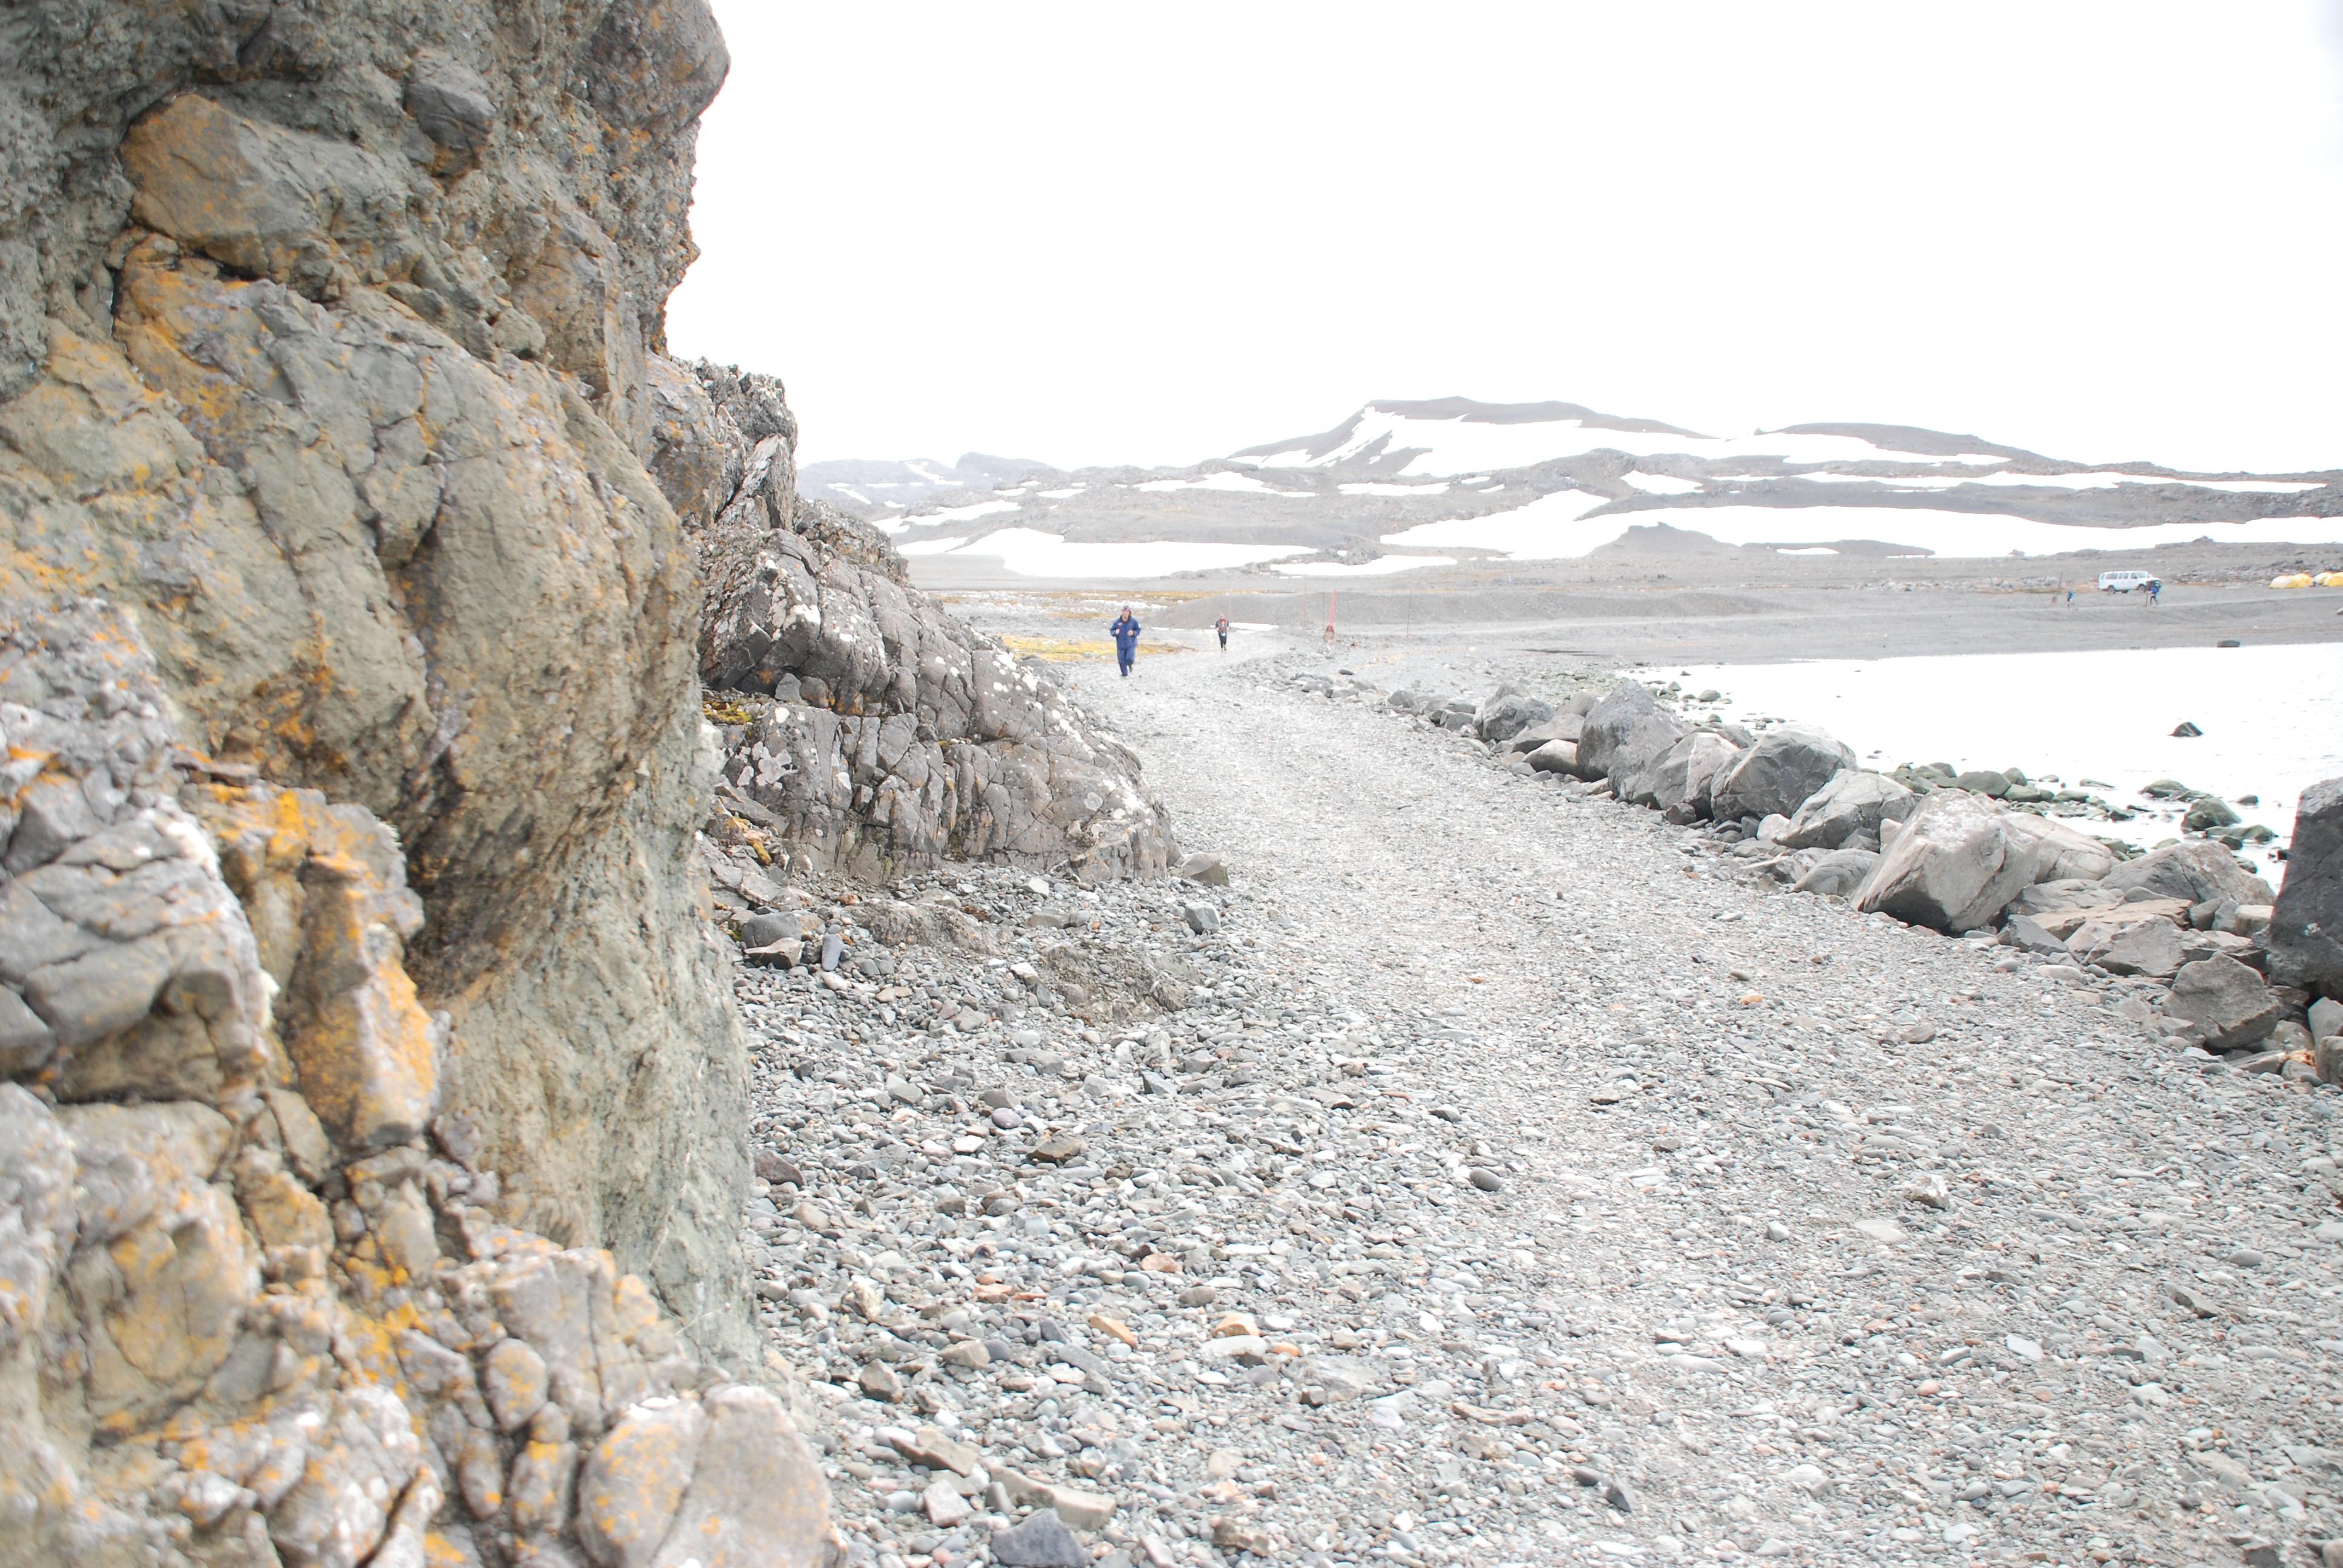 Antarctica marathon course